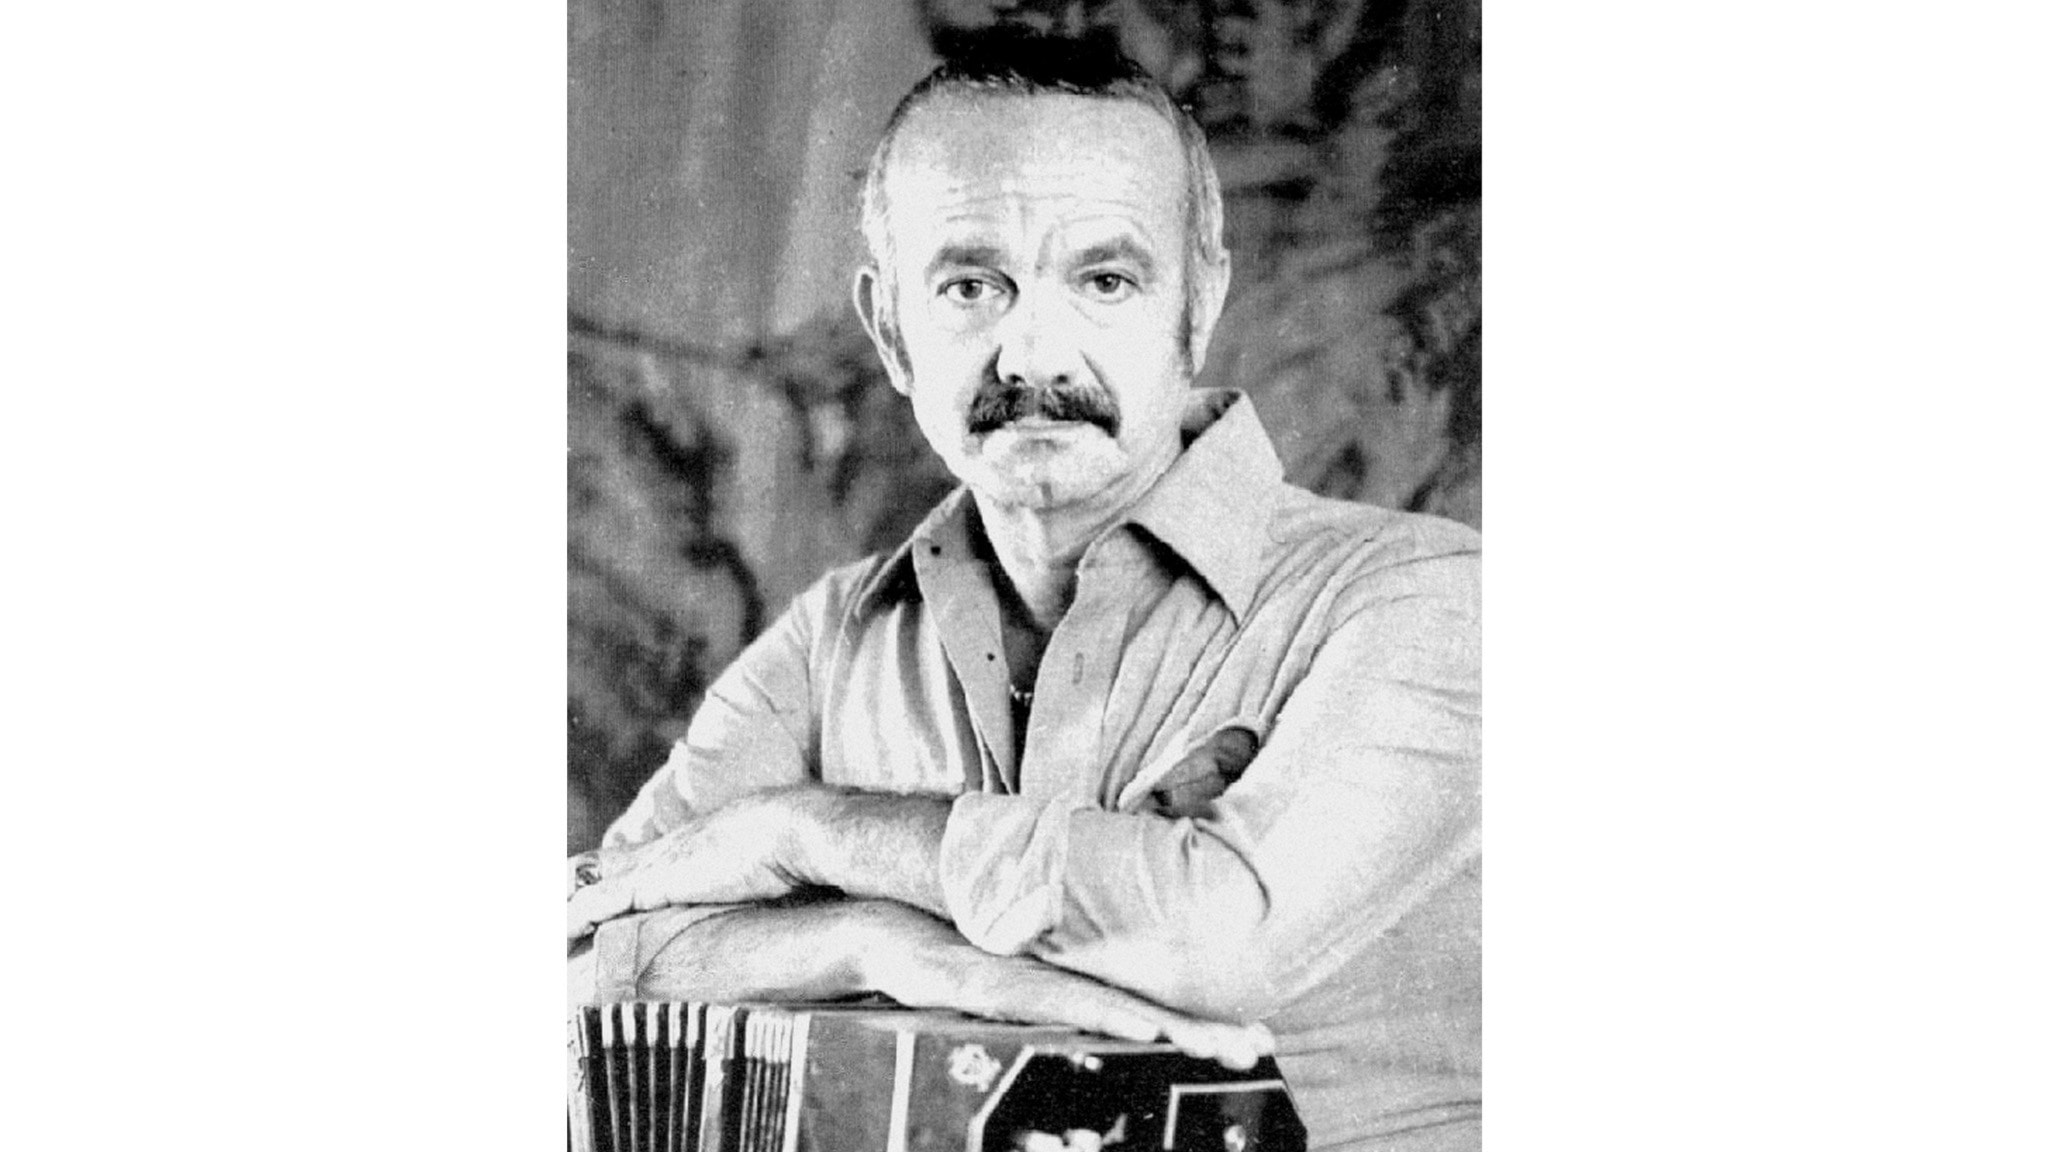 Astor Piazzolla med sin AA-bandoneón. Copyright Pupeto Mastropasqua 1971